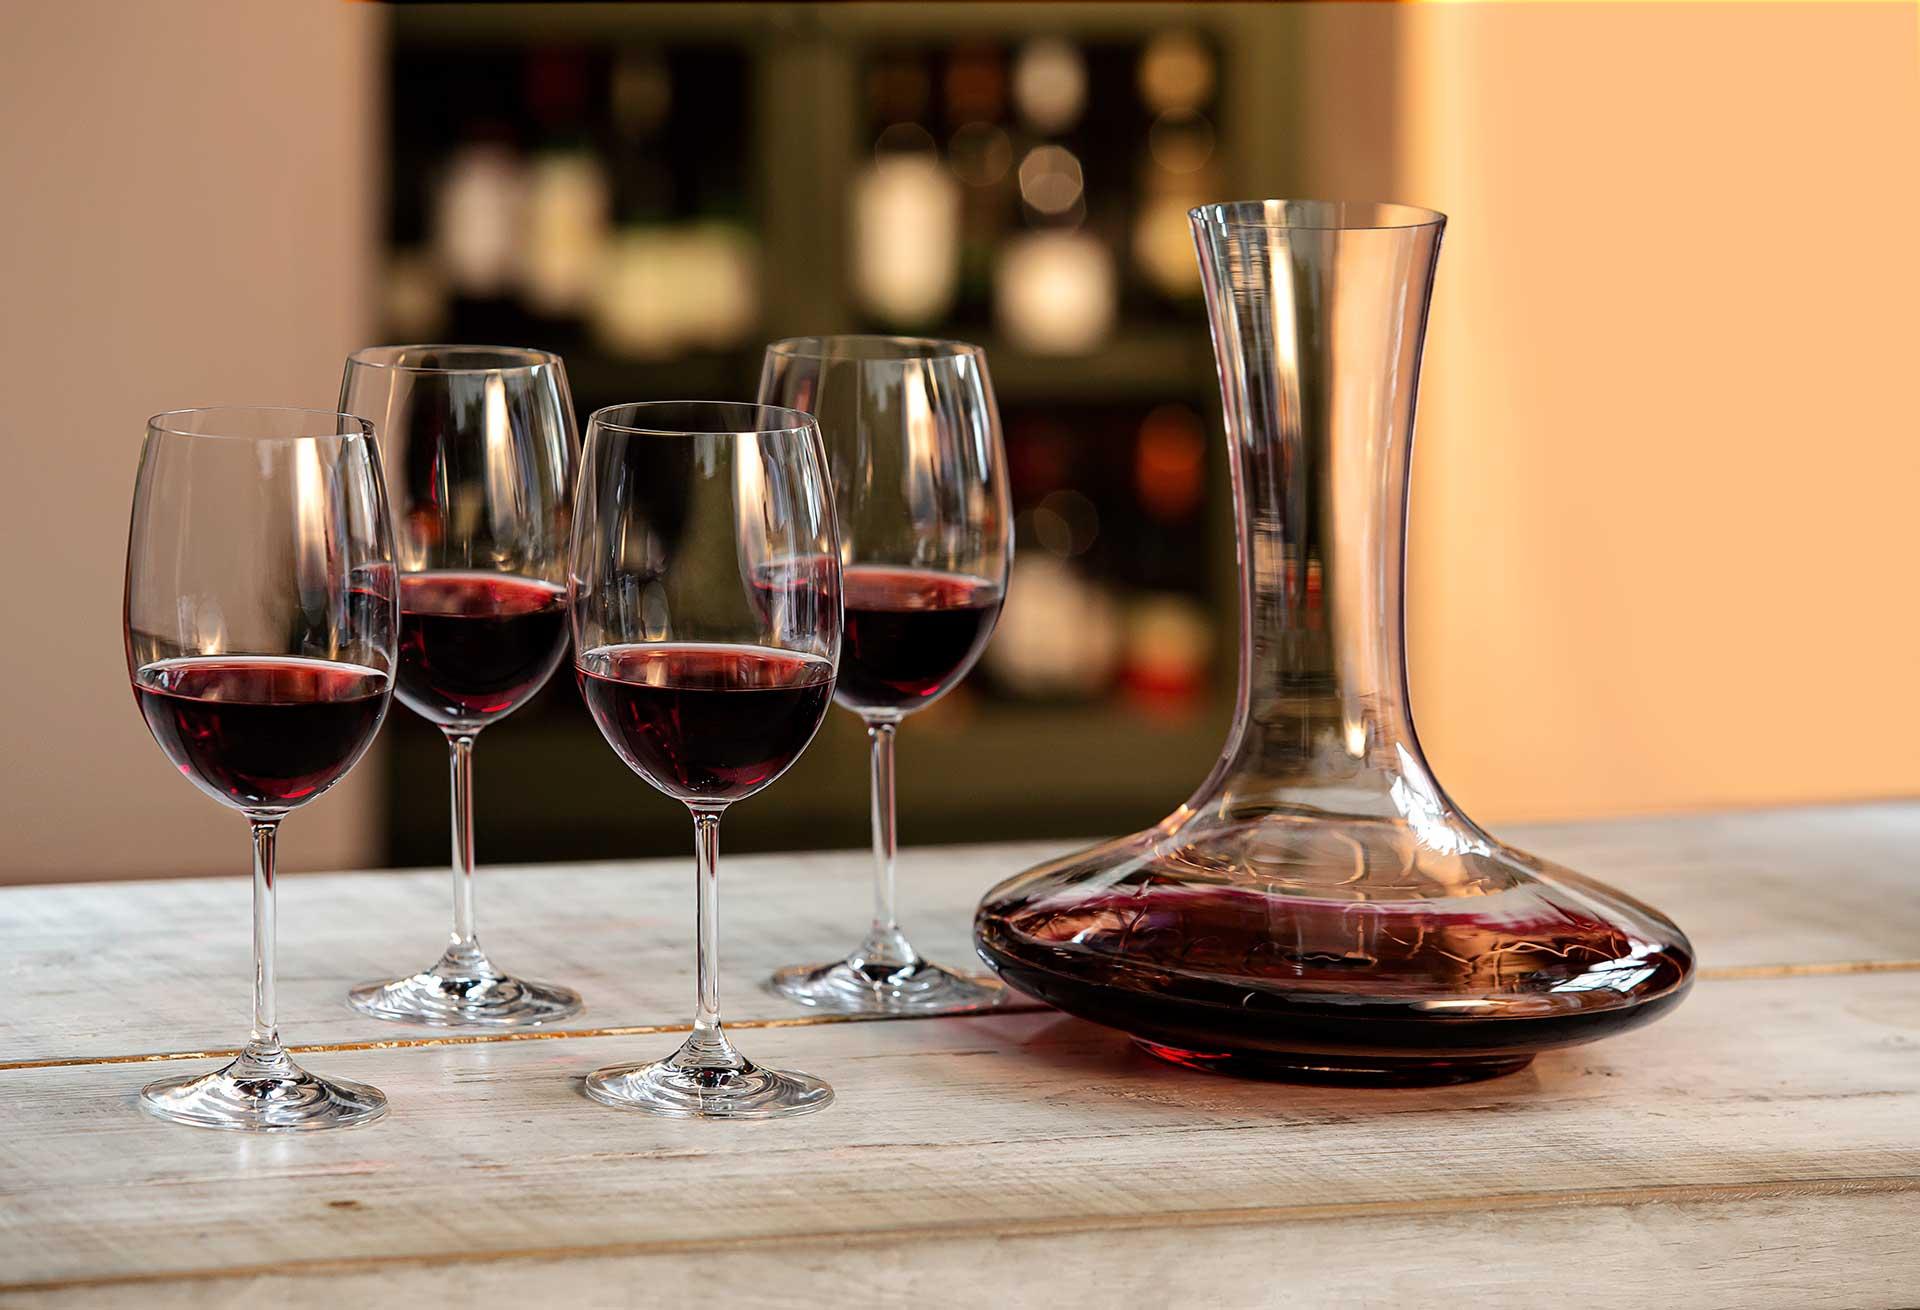 Imagem: Para receber os amigos com muito vinho, aposte no decanter e nas taças da Oxford Alumina Crystal, o cristal mais resistente do mercado!